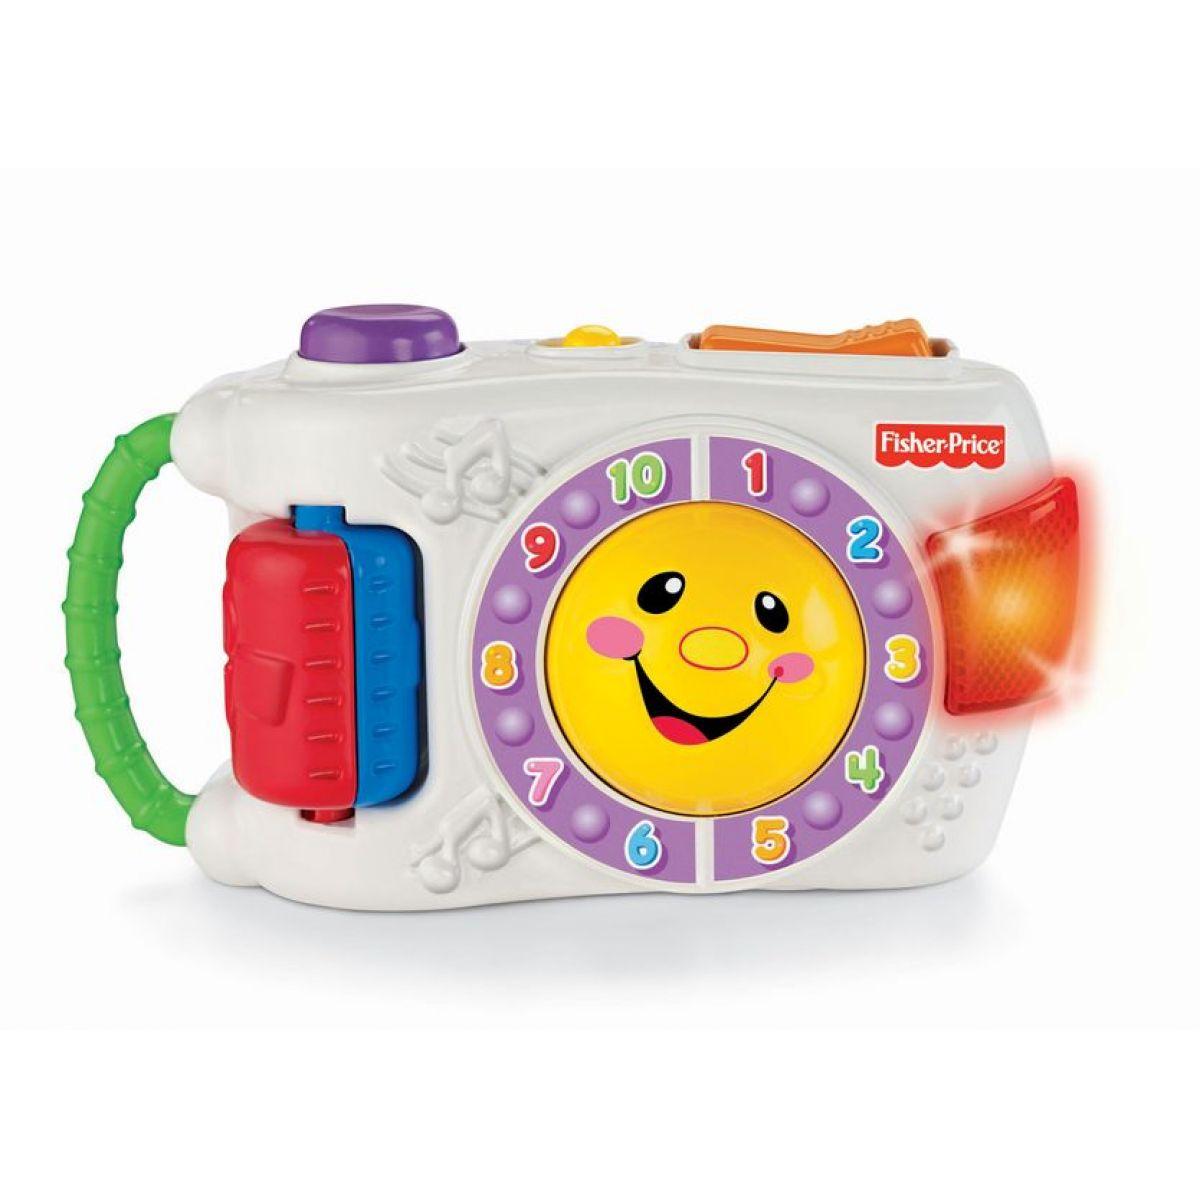 Fisher Price T5323 - Veselý mluvící fotoaparát